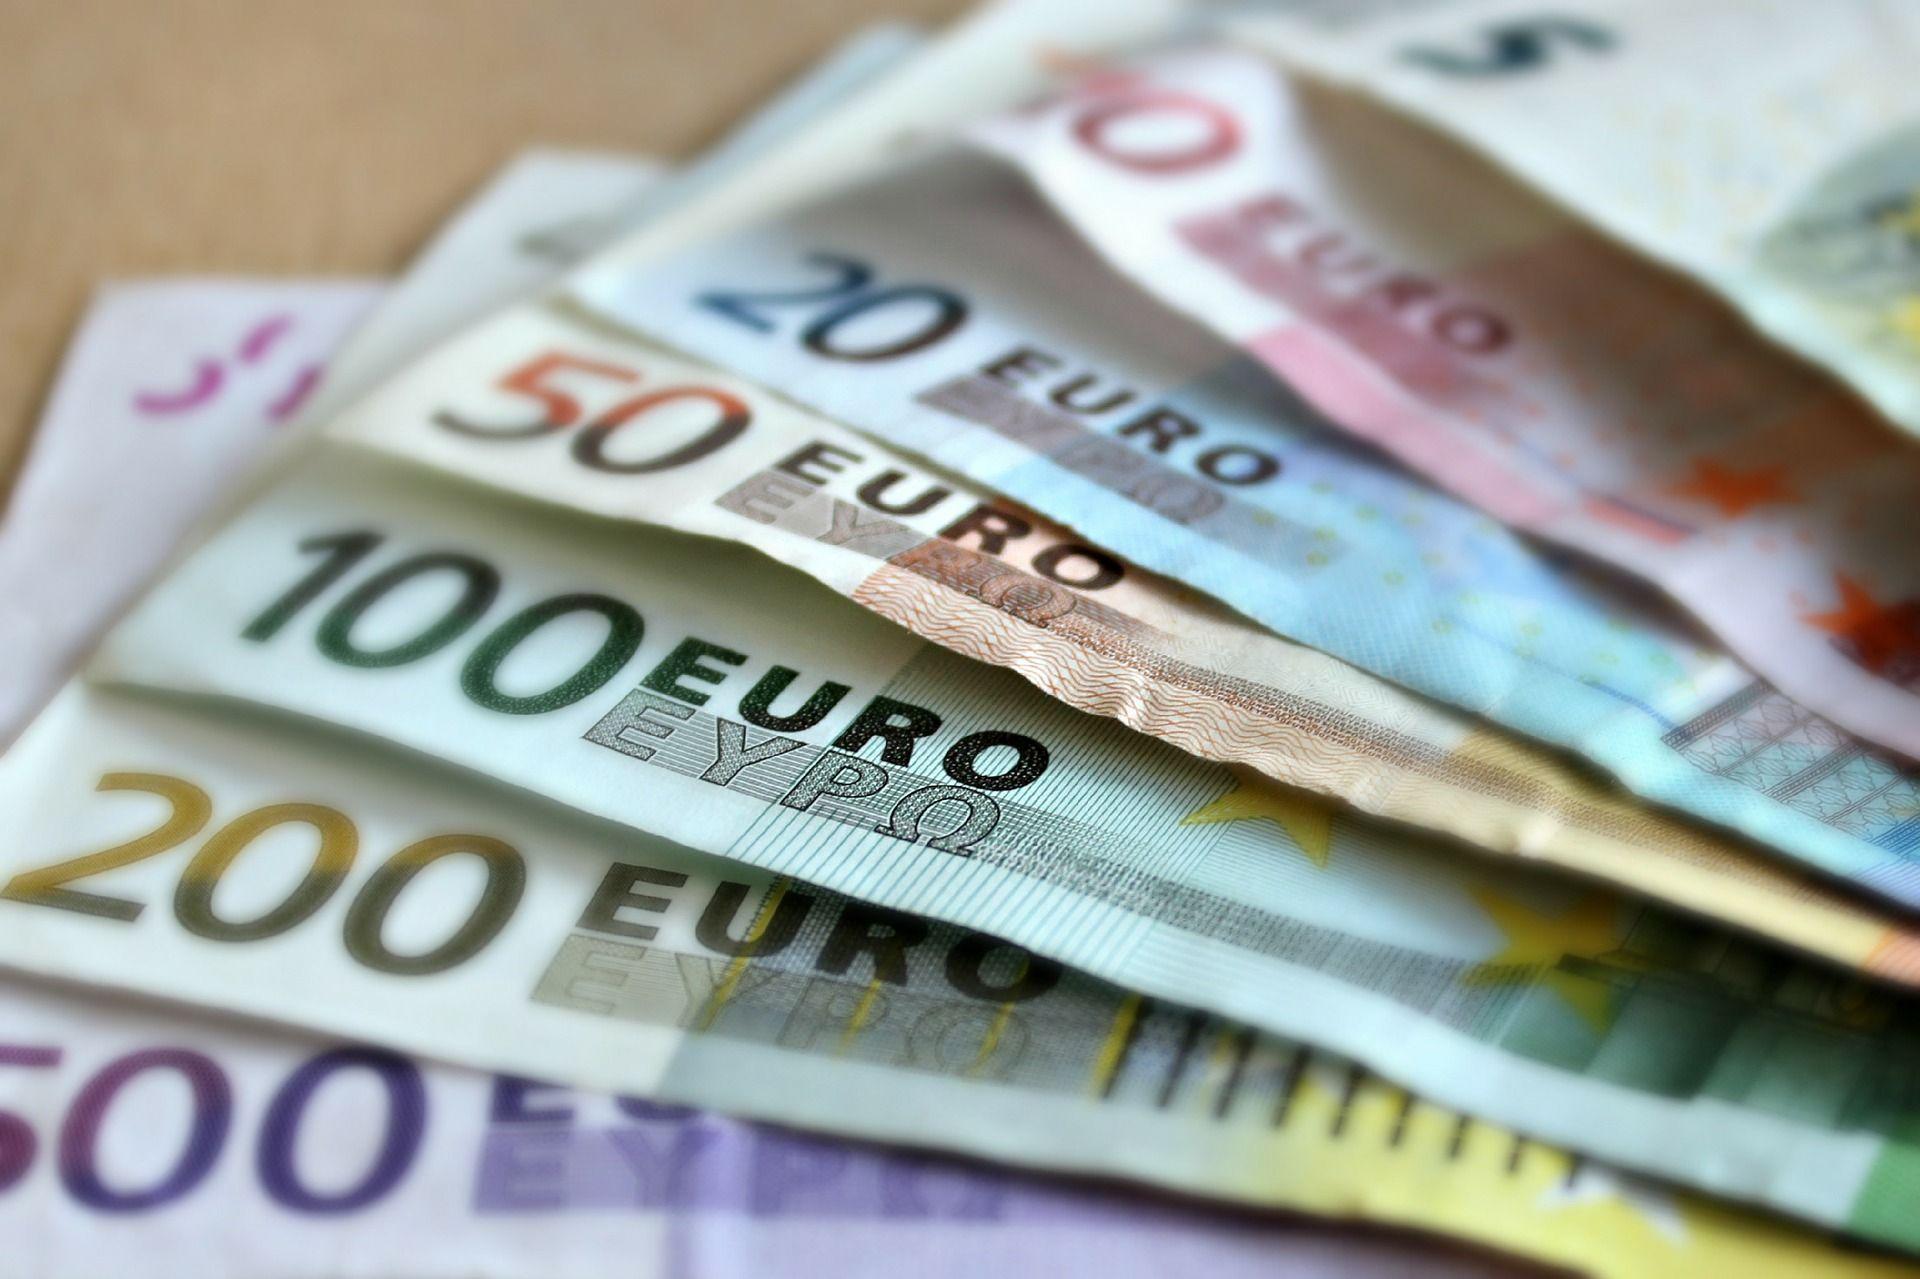 Conto corrente, cosa si rischia a lasciare troppi soldi in banca?